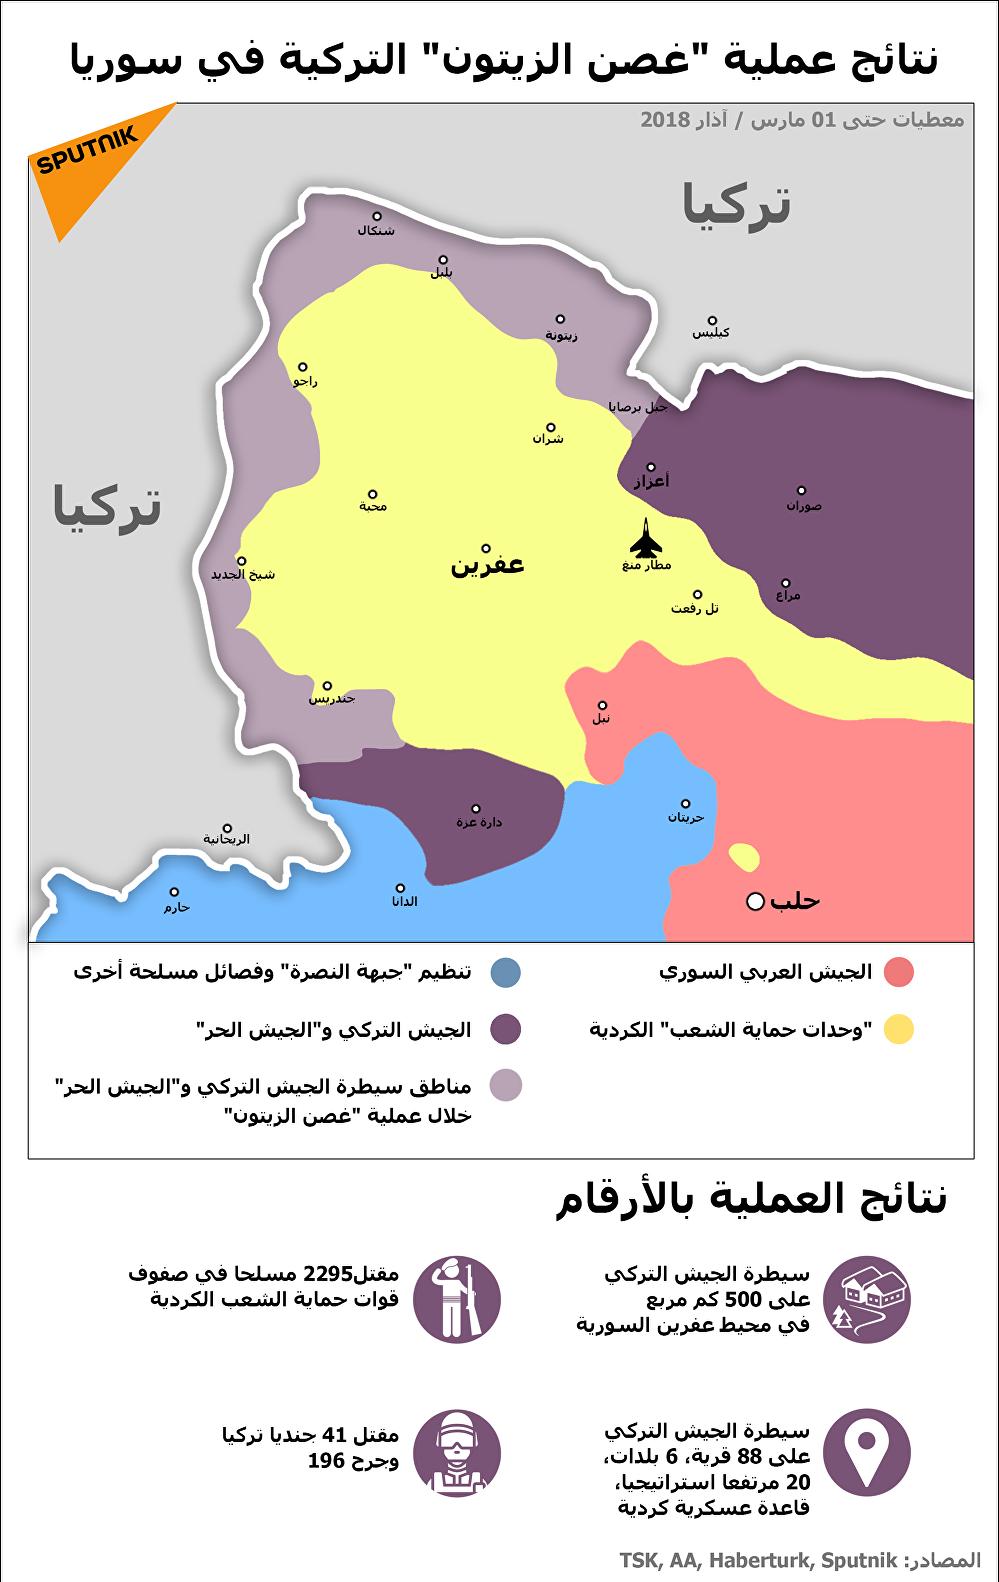 نتائج عملية غصن الزيتون التركية في سوريا